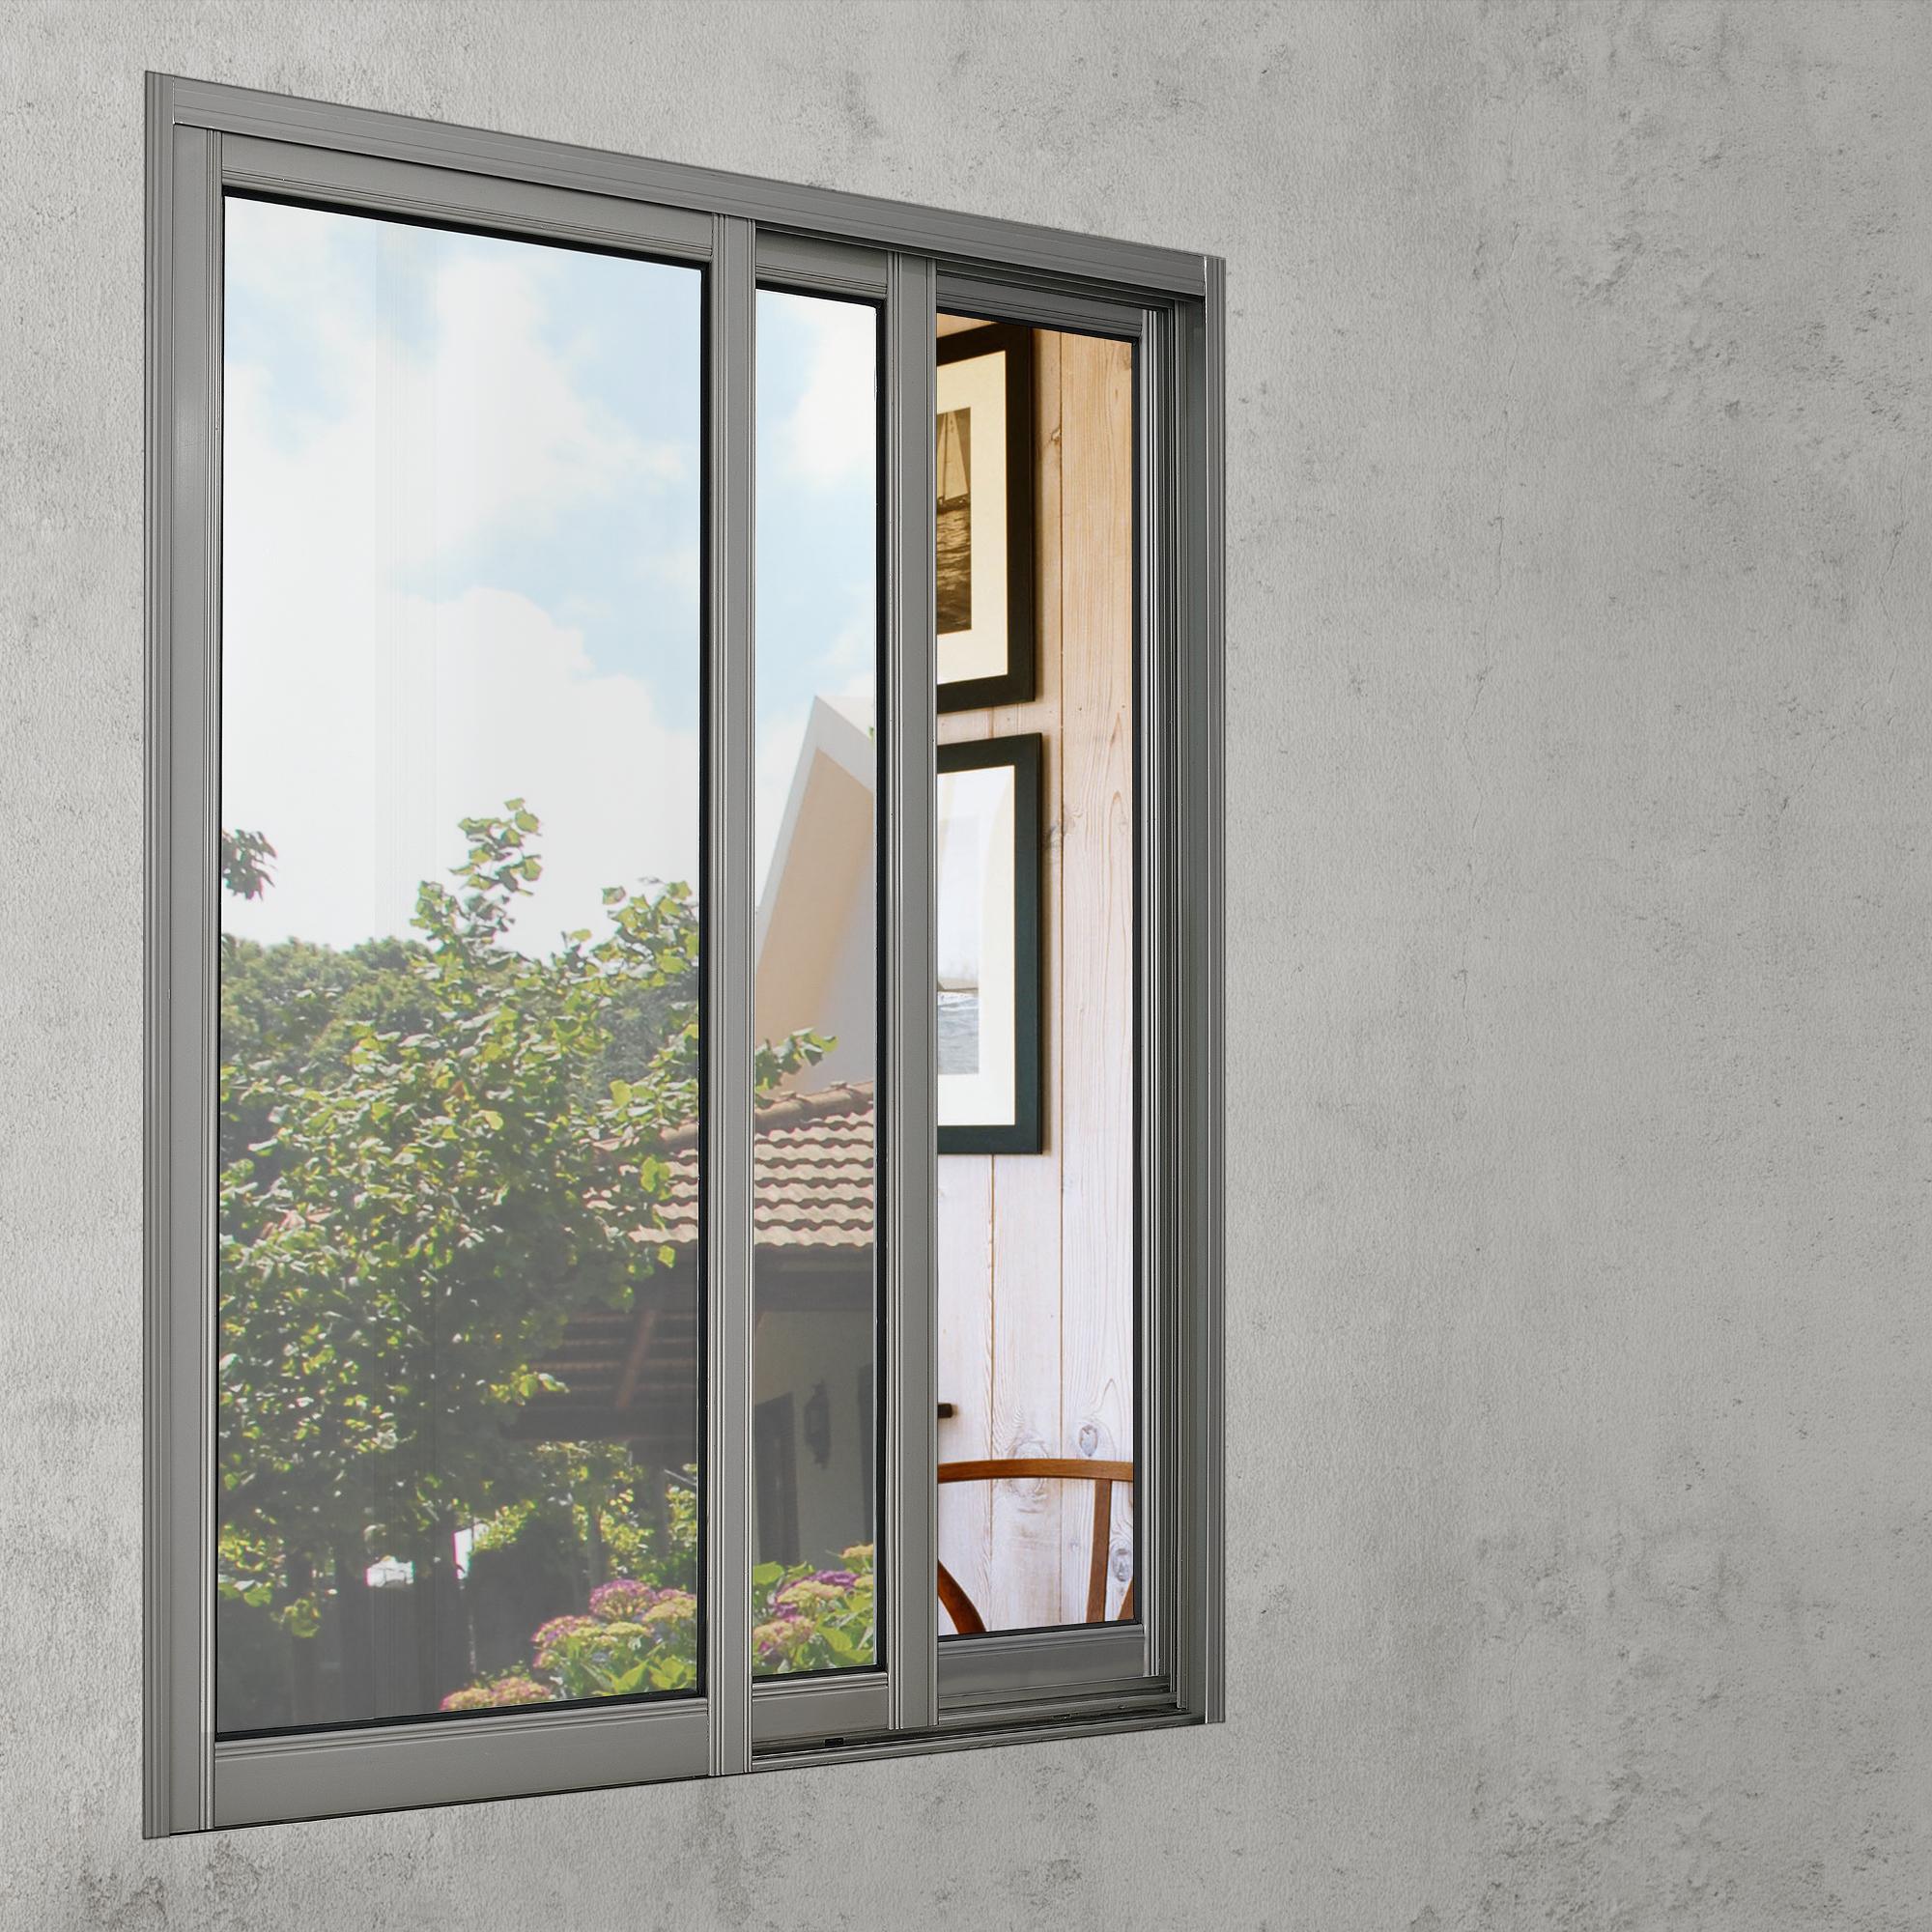 sichtschutzfolie selbstklebend statisch. Black Bedroom Furniture Sets. Home Design Ideas